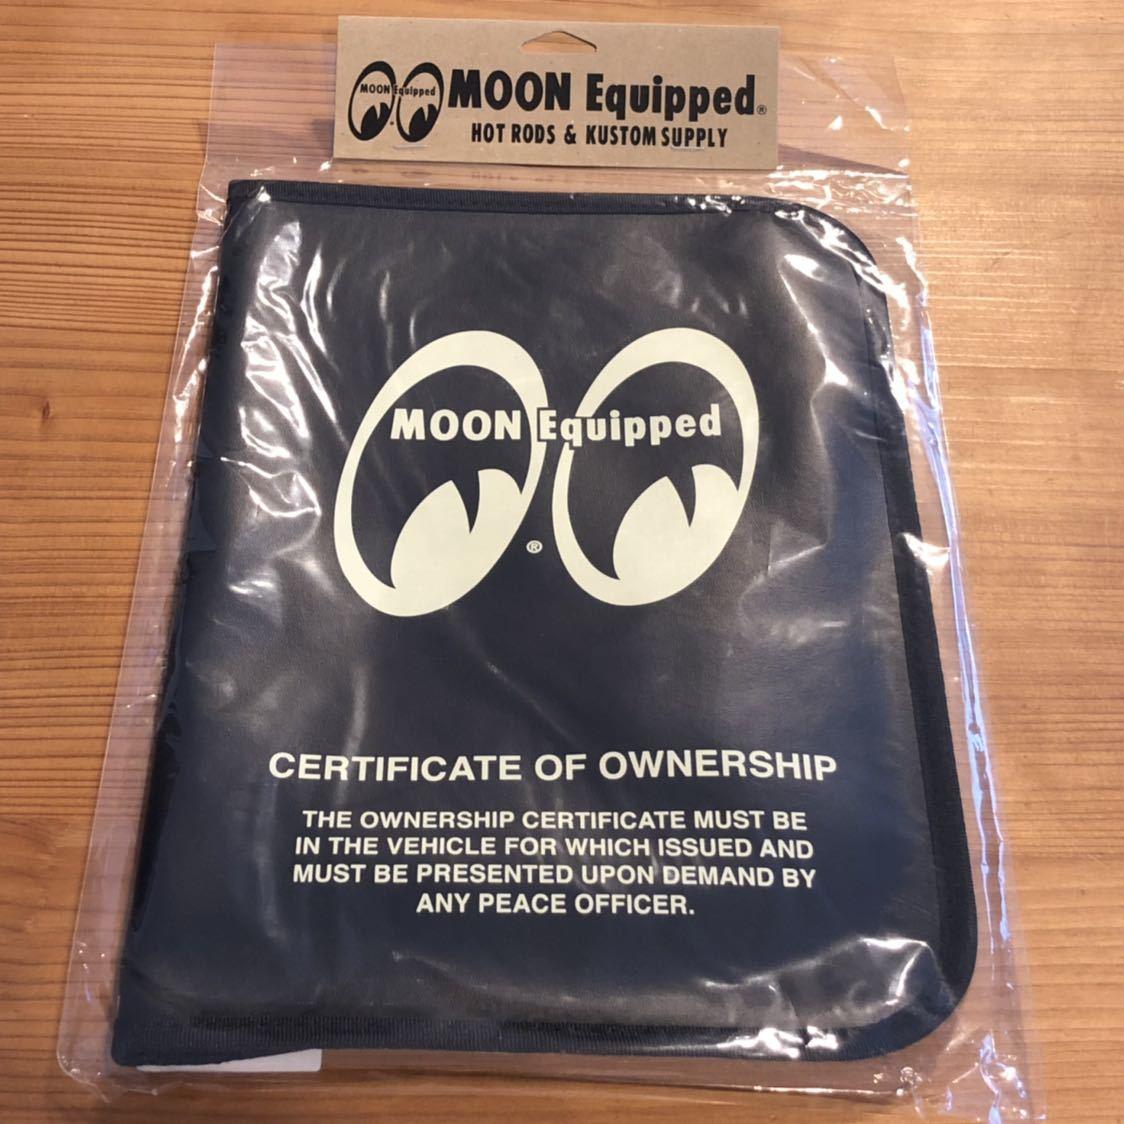 MOON Equipped mooneyes 188円発送可 ムーンアイズ 車検証ホルダー ブラック タイトルホルダー 黒 mooneyes 旅行などの書類にも_画像3